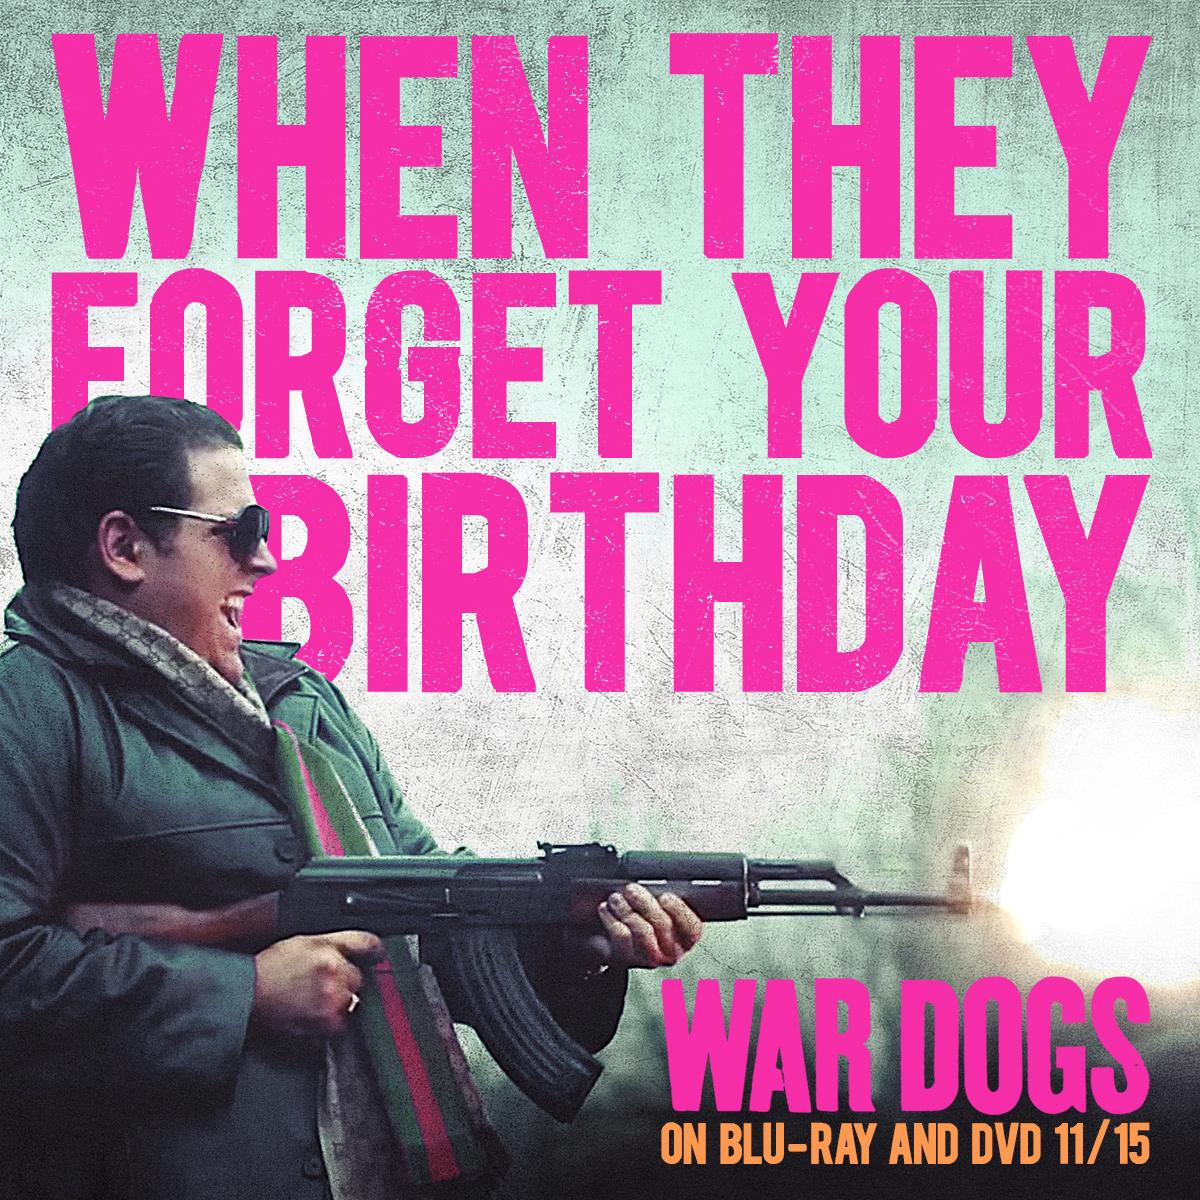 war dogs_birthday_01.jpg